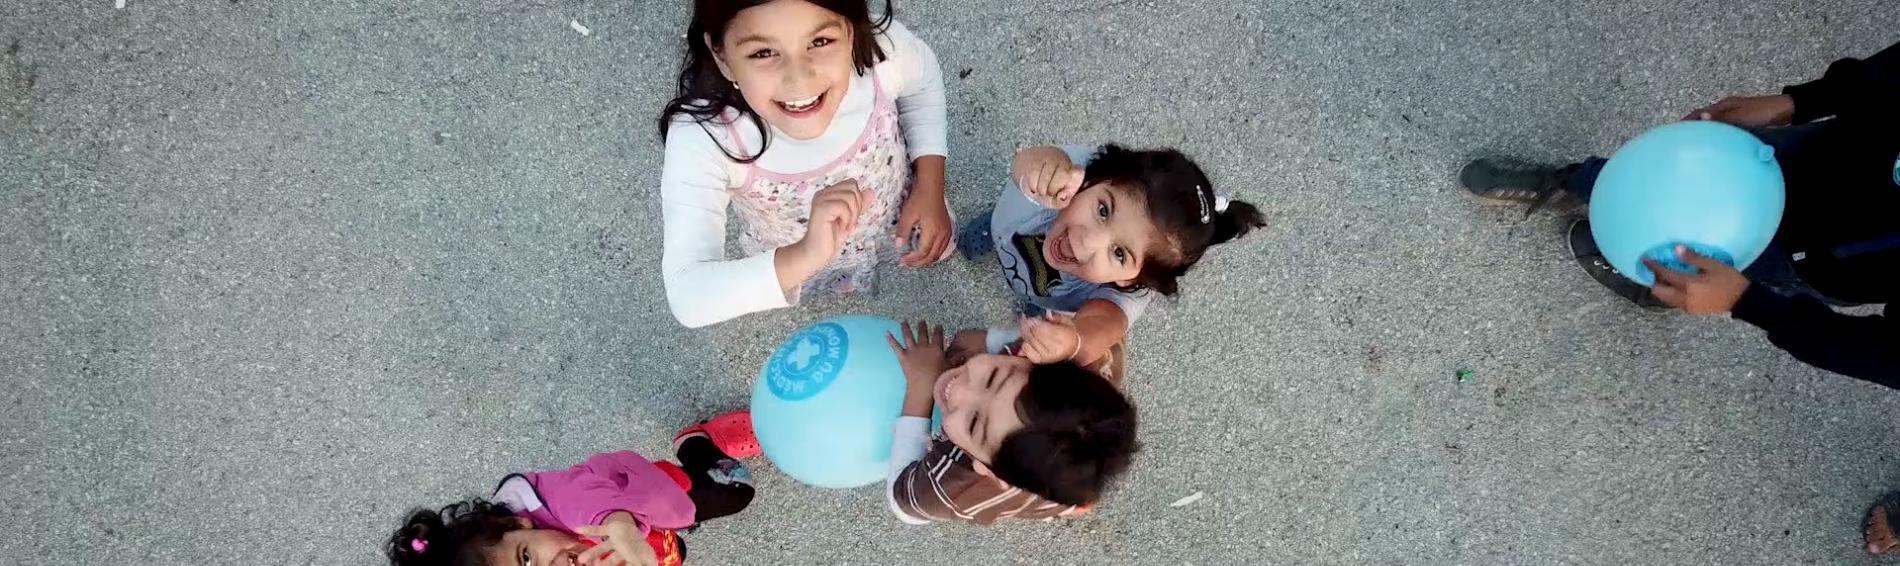 Kinder spielen in einer Unterkunft für Geflüchtete in Zagreb, Kroatien. Foto: Elisa Vandekerckhove